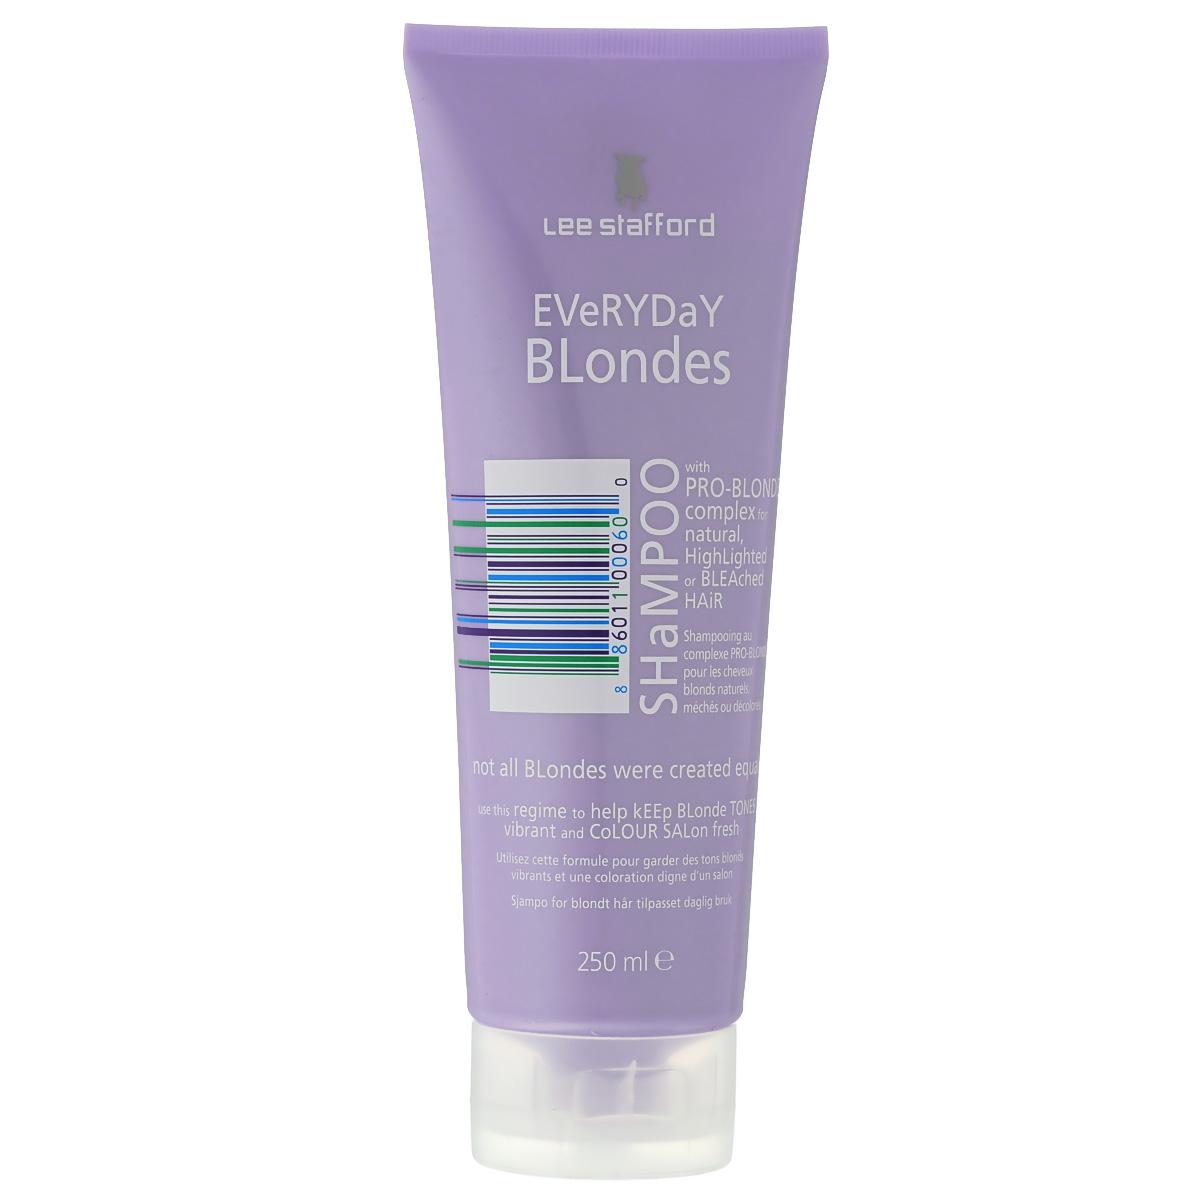 Lee Stafford Шампунь для осветленных волос для ежедневного применения Bleach Blonde, 250 мл768858200120 Lee Stafford EverydayBlondeShampoo,шампуньдляосветленныхволосдляежедневногоприменения250мл. Ежедневный уход, разработанный специально для осветленных волос. Сохраняет цвет и придает волосам платиновый оттенок. Комплекс Pro-Blonde TM – содержит пантенол, экстракты ромашки и семян моринги, которые сохраняют естественный блеск и шелковистость.